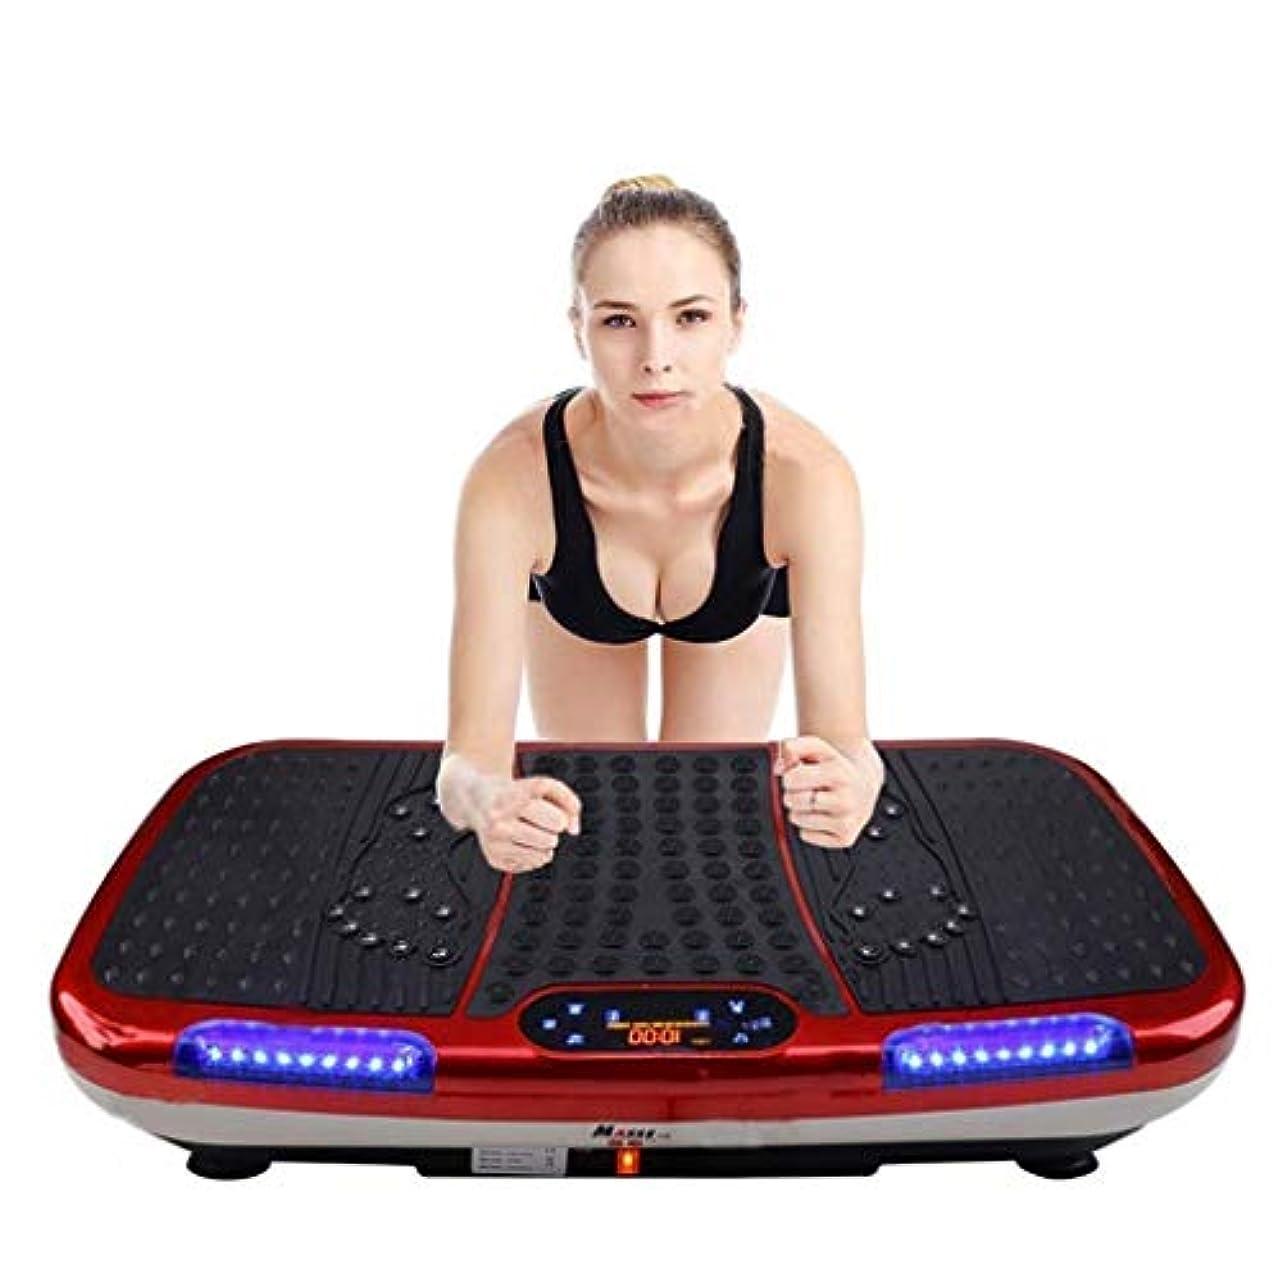 思い出すプロトタイプ意気消沈した減量装置、全身フィットネス振動トレーナー、Bluetooth音楽スピーカー、過剰な脂肪を減らすホームジム